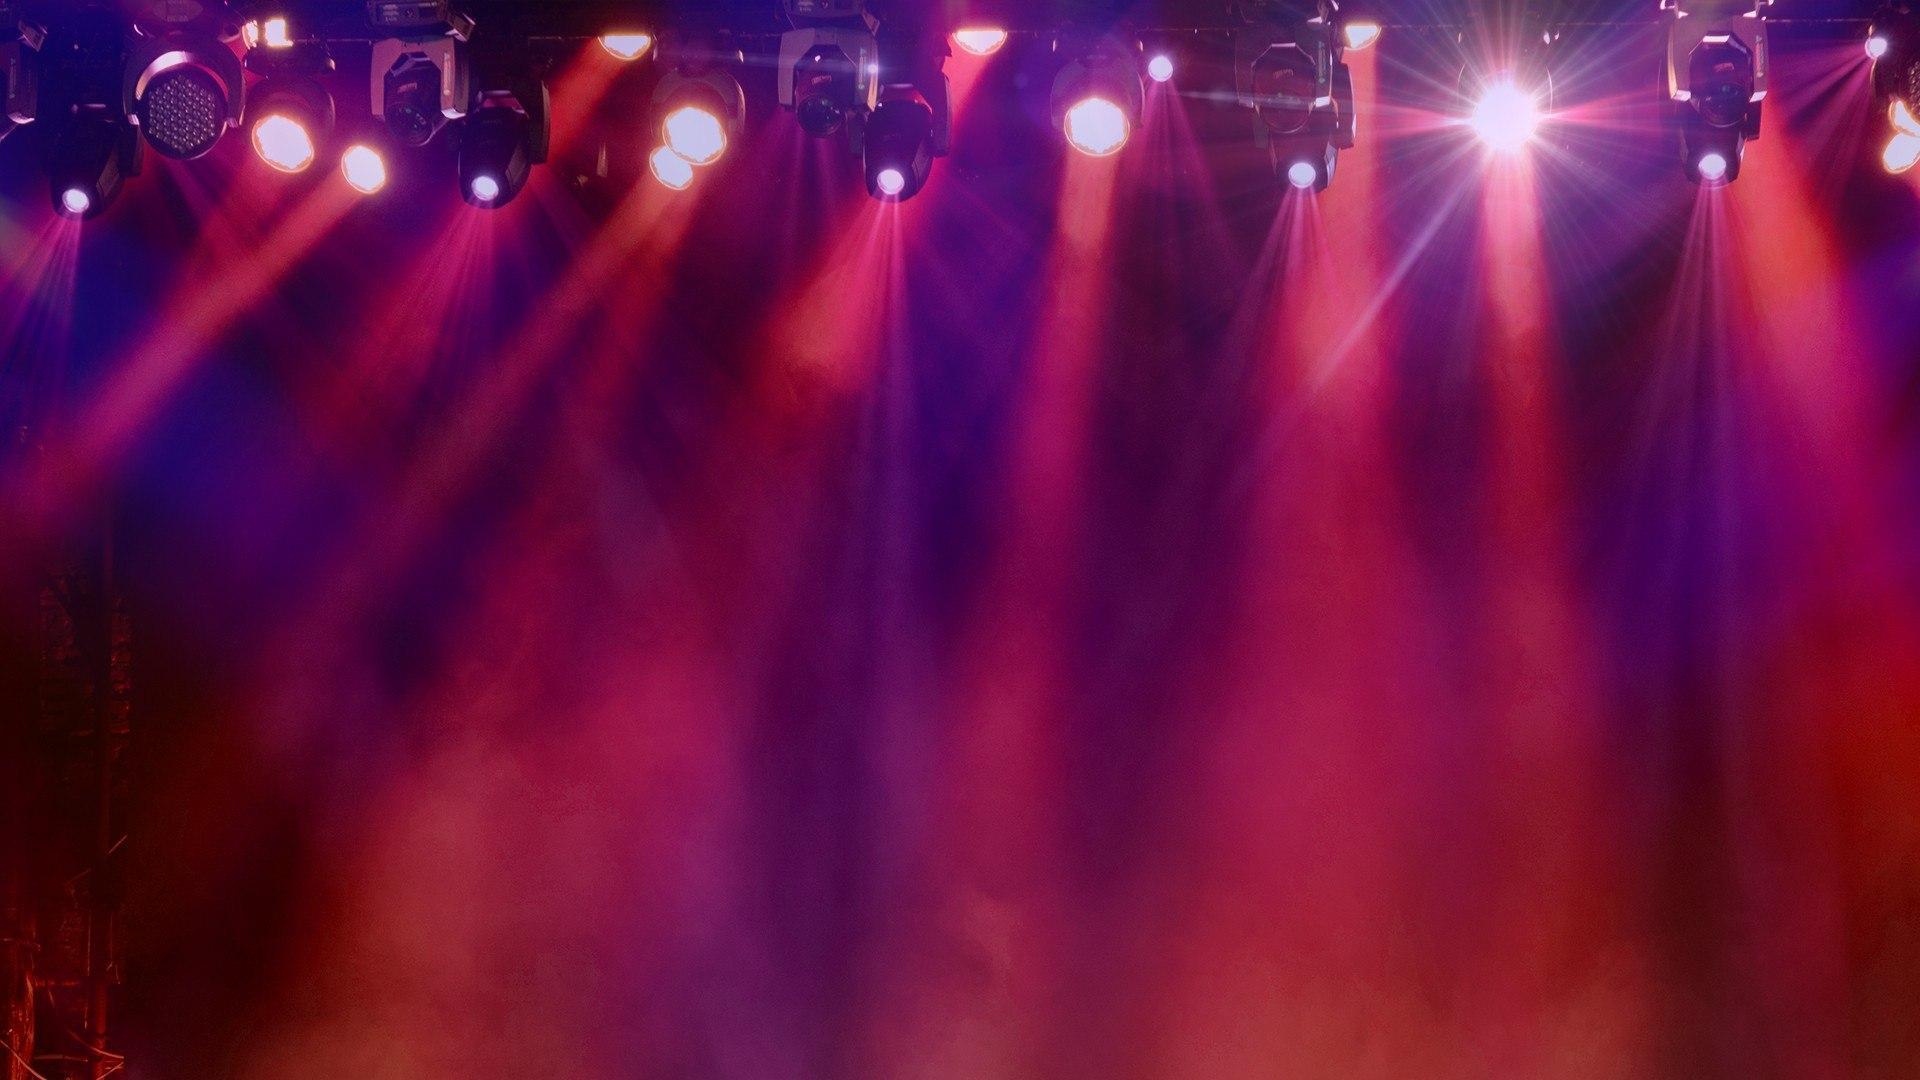 TV8 HD X Factor - 10 anni di audizioni